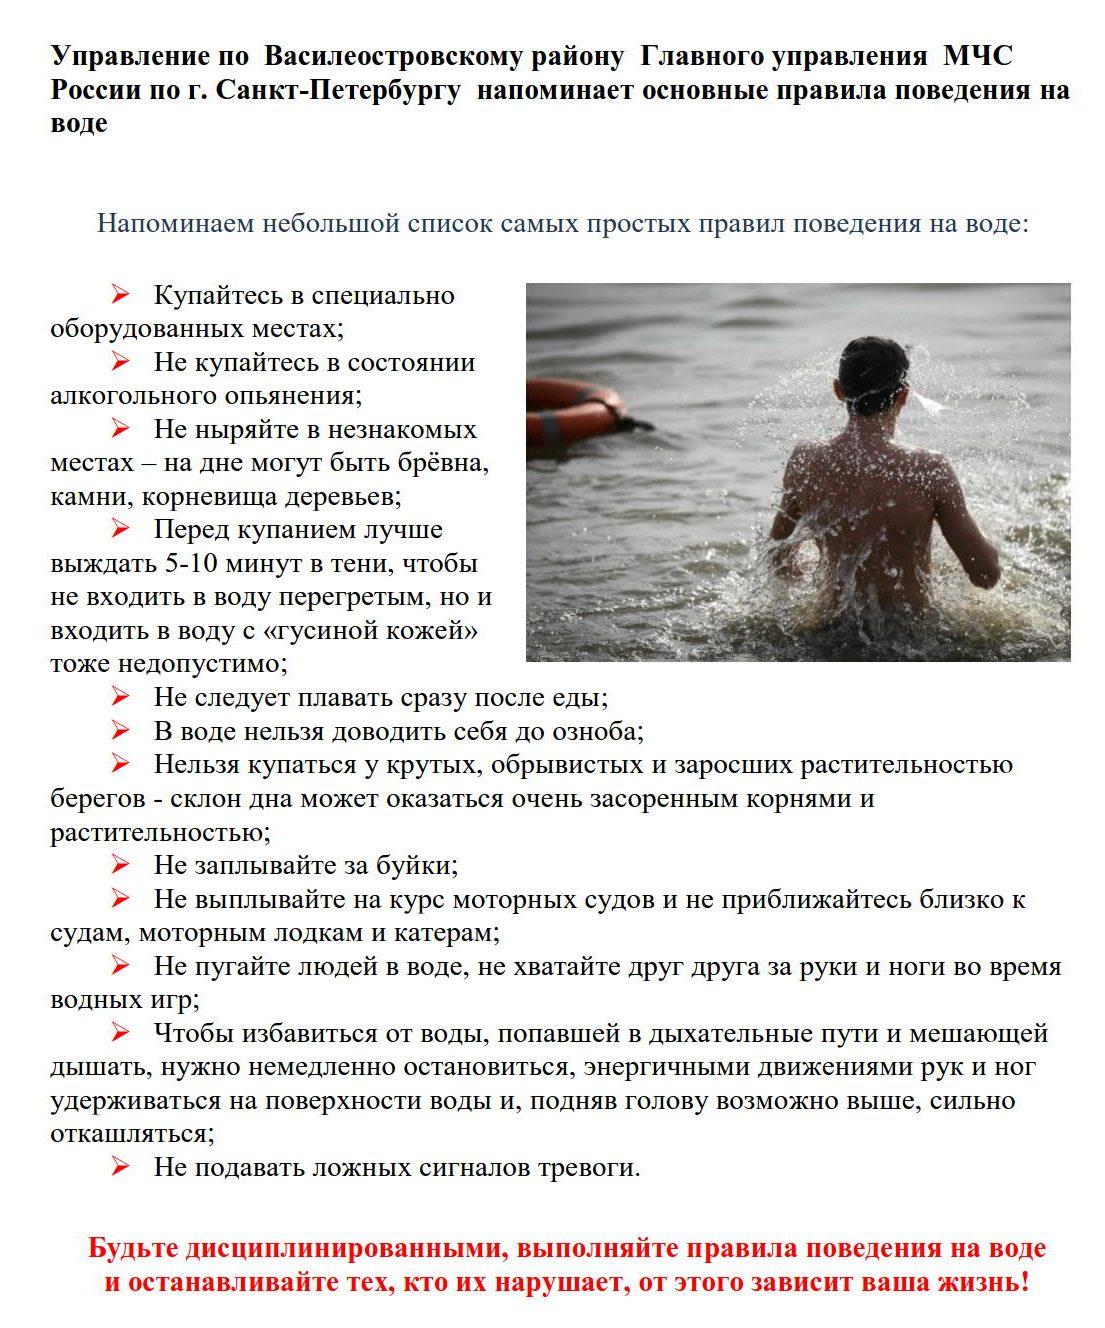 Правила поведения на воде_1